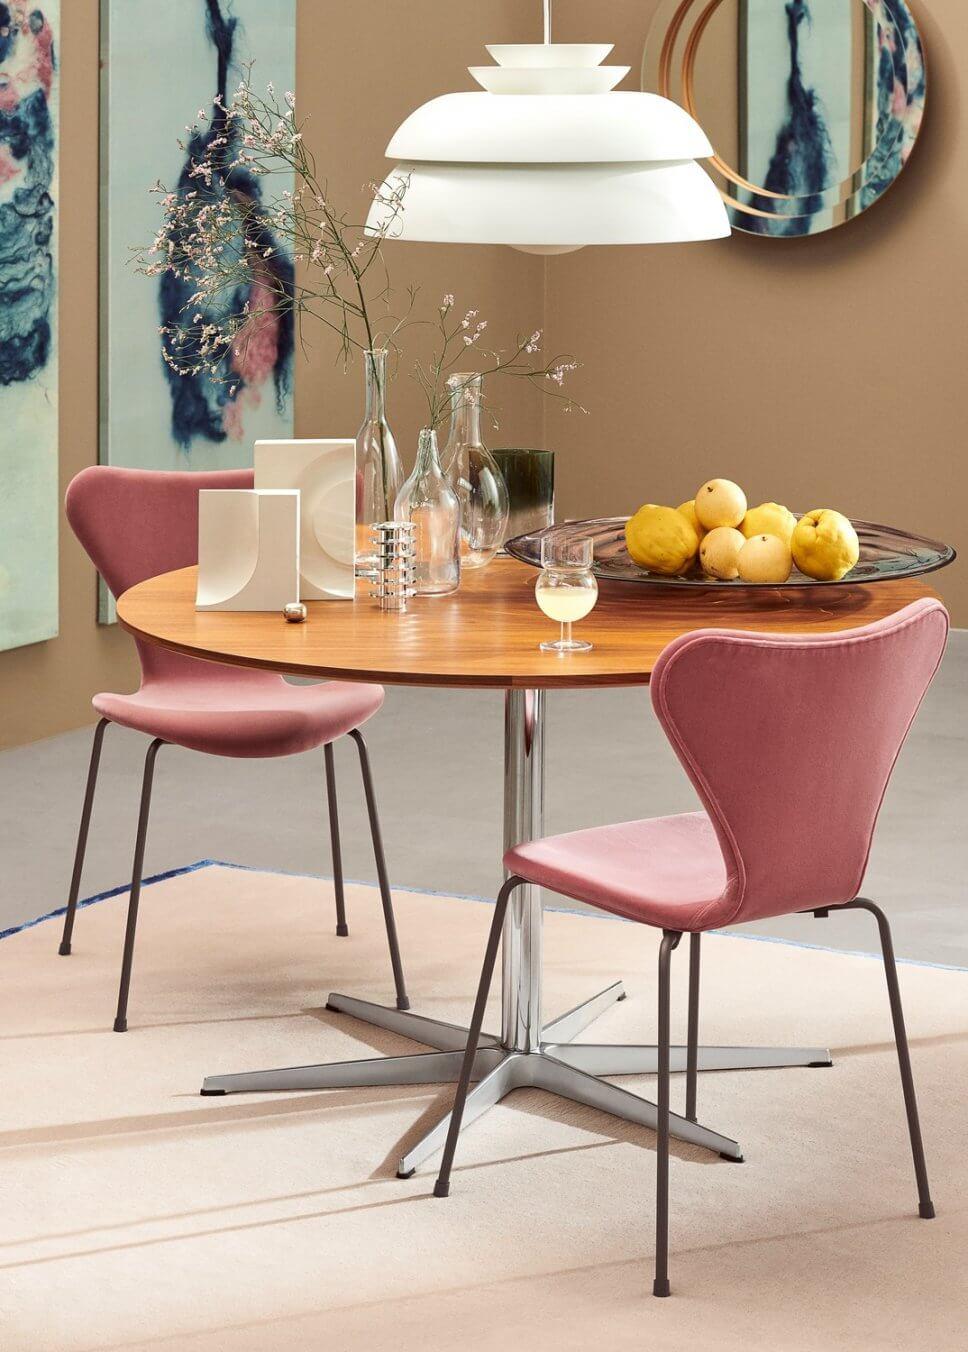 Zwei gepolsterte Stühle stehen an einem runden Esstisch